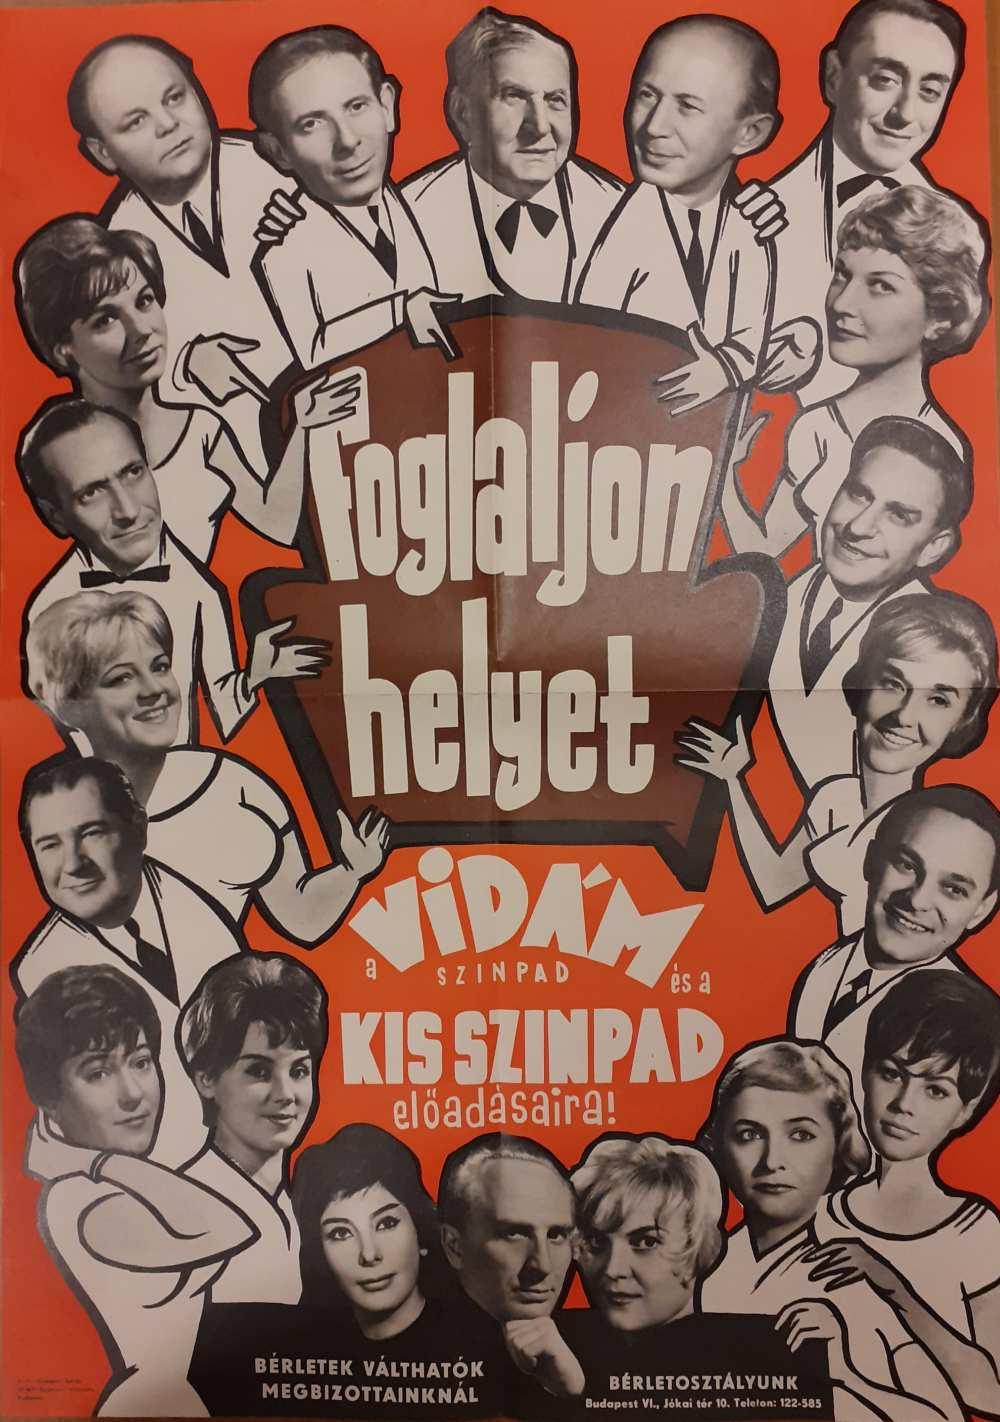 Benedek Tibor a Vidám Színpad társulatával. Foglaljon helyet a Vidám színpad és a Kisszínpad előadásaira! Vidám Színpad [1963]. Színlap – Színháztörténeti és Zeneműtár